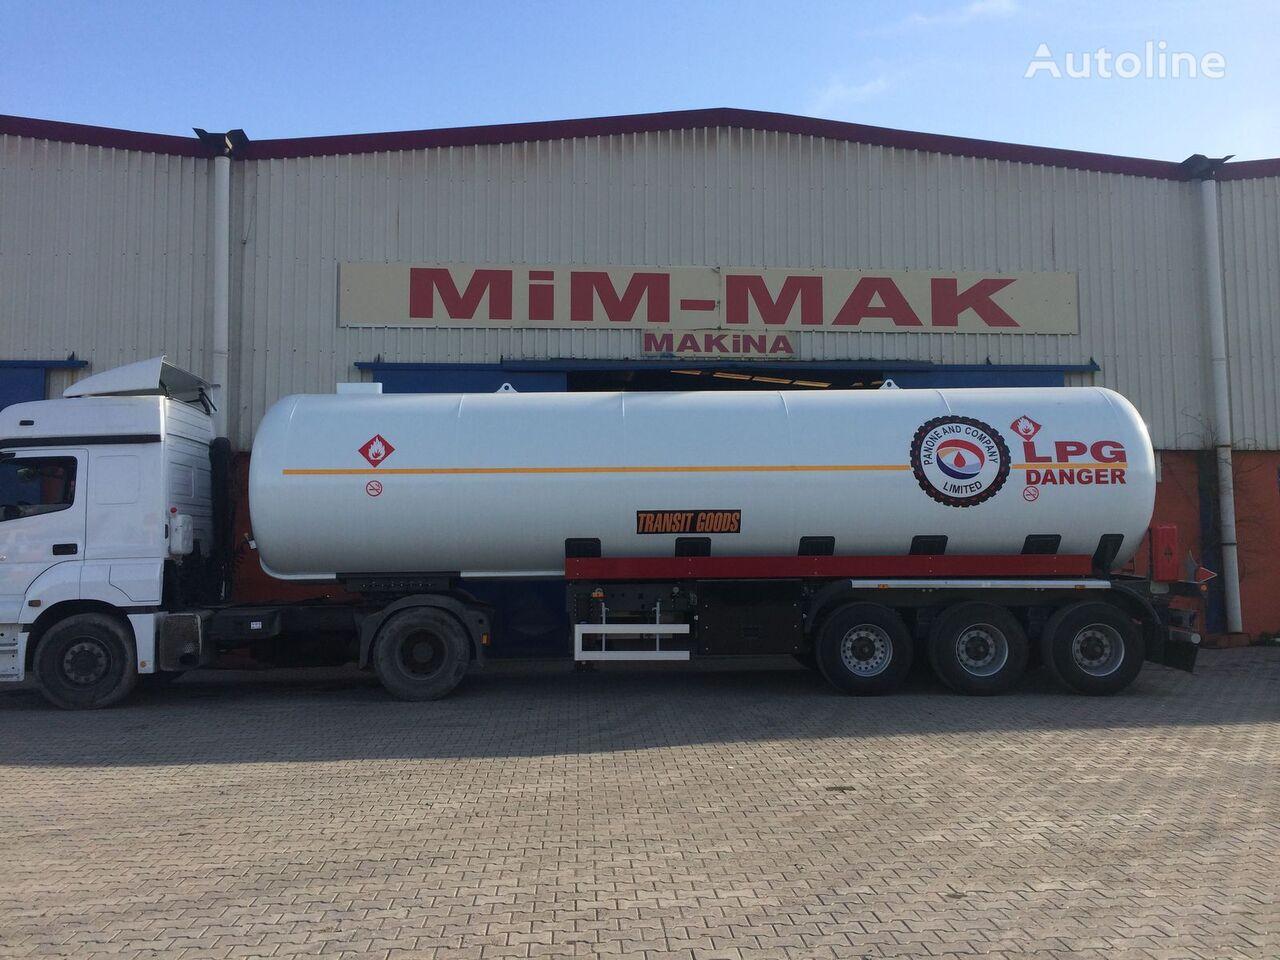 nova cisterna za plin MIM-MAK 45 m3 LPG TRANSPORT TANK